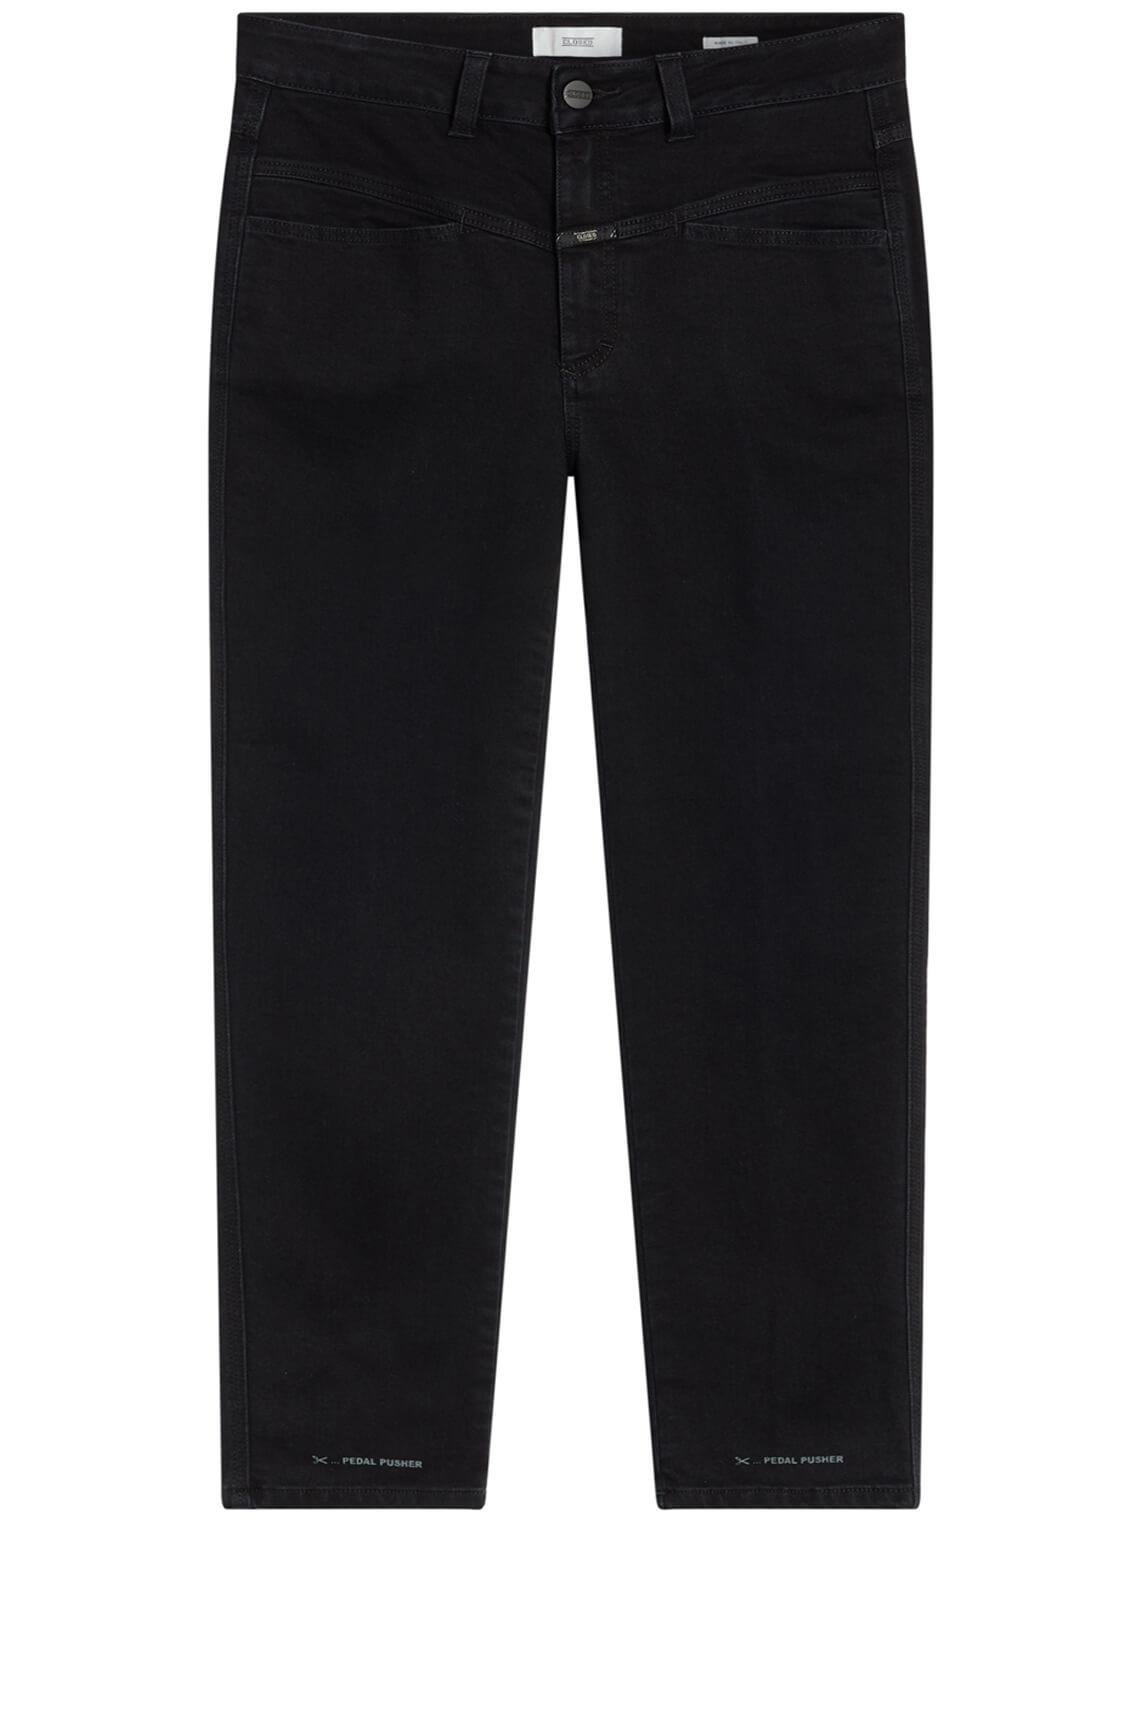 Closed Dames High waist jeans 7/8 zwart